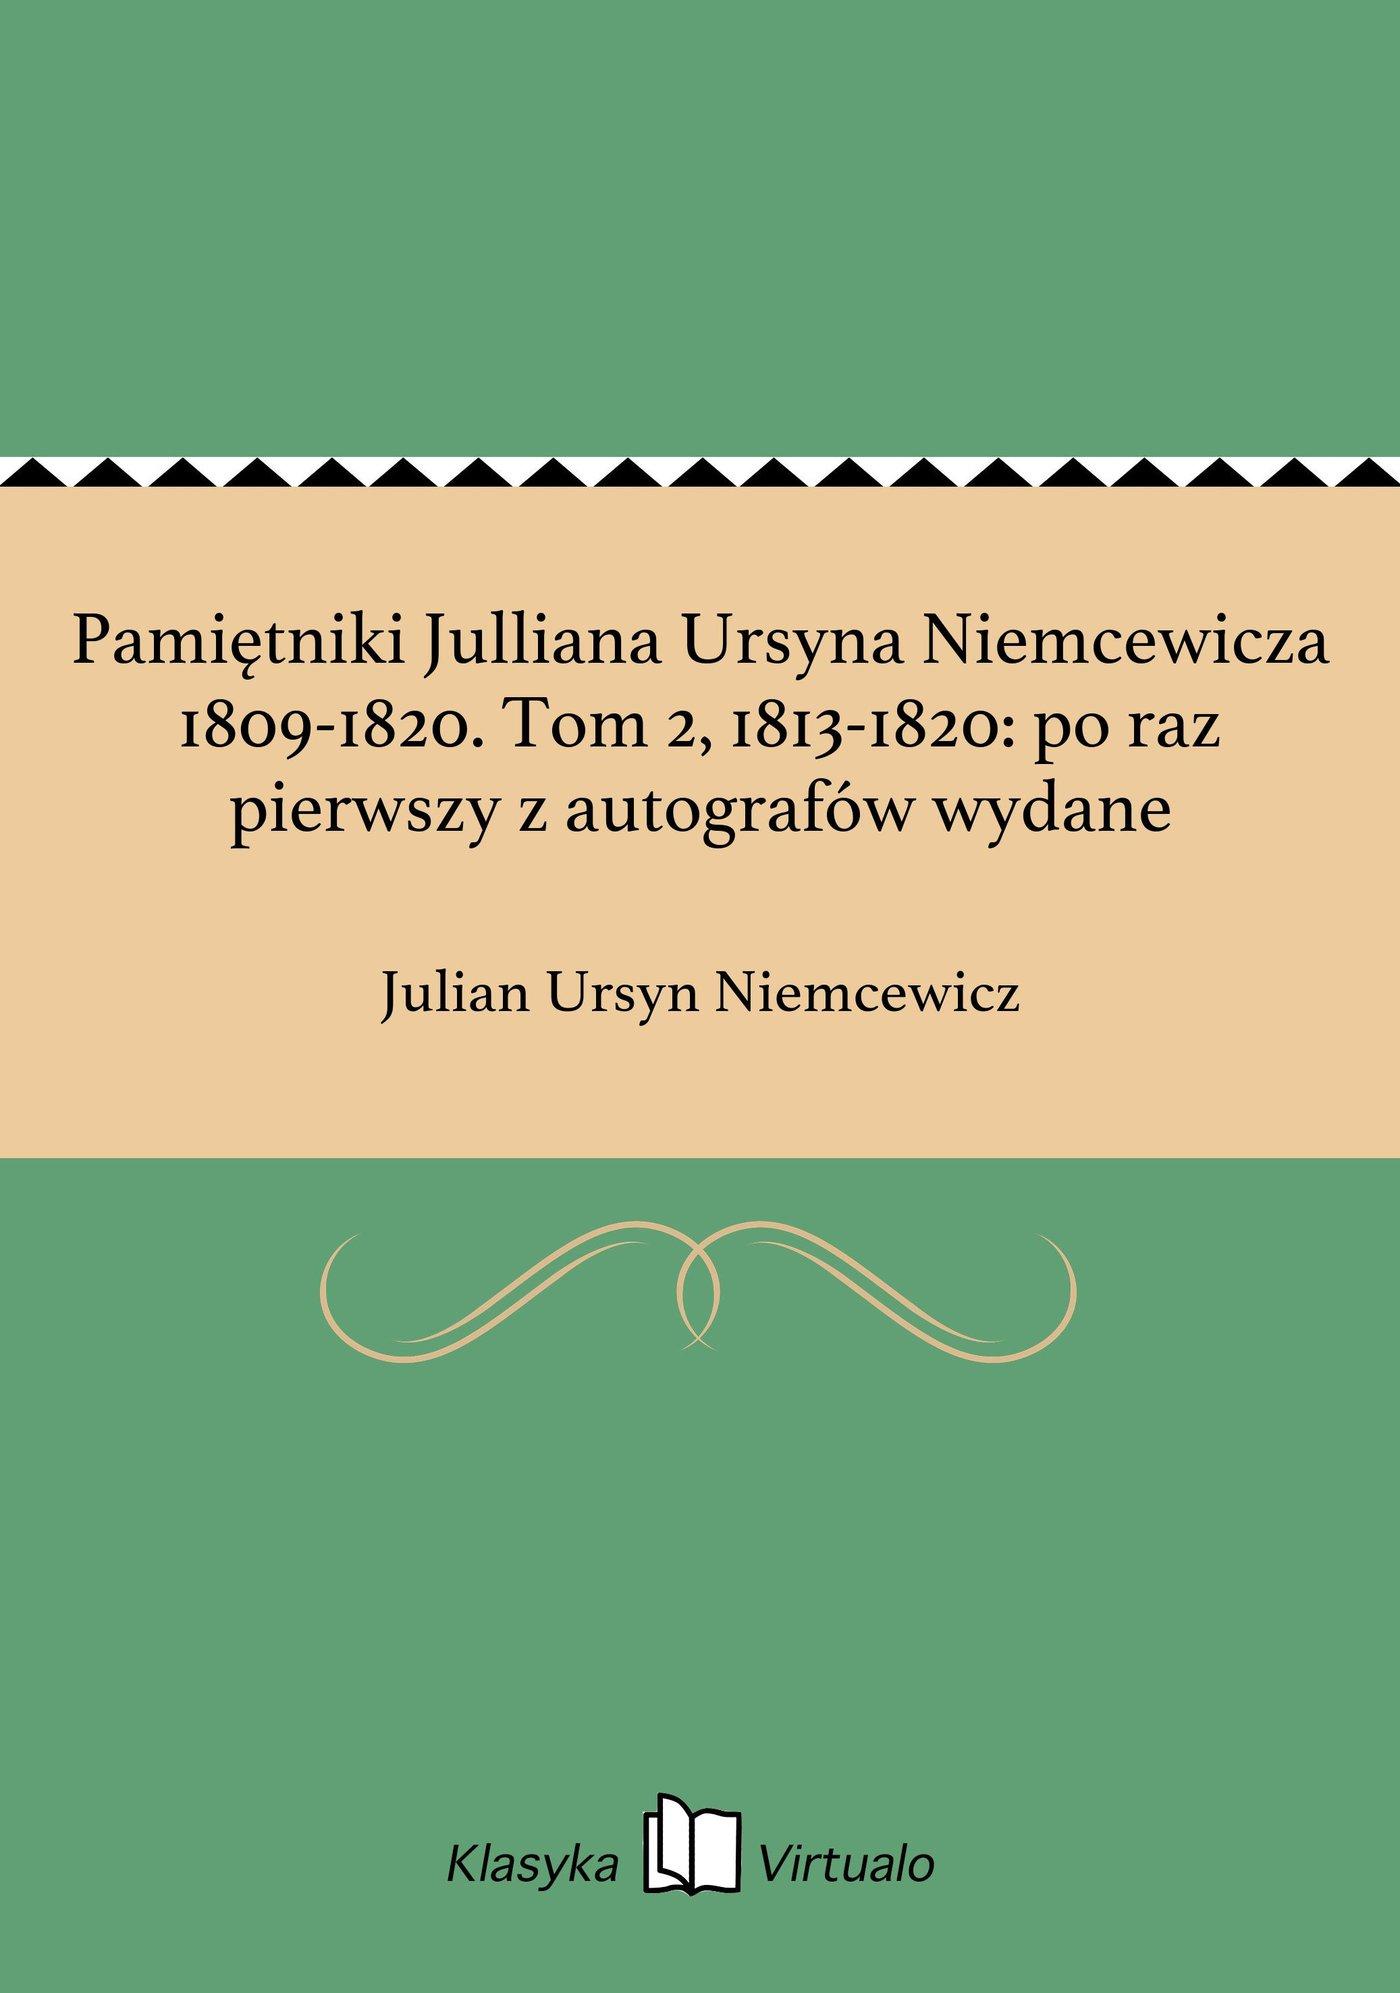 Pamiętniki Julliana Ursyna Niemcewicza 1809-1820. Tom 2, 1813-1820: po raz pierwszy z autografów wydane - Ebook (Książka EPUB) do pobrania w formacie EPUB